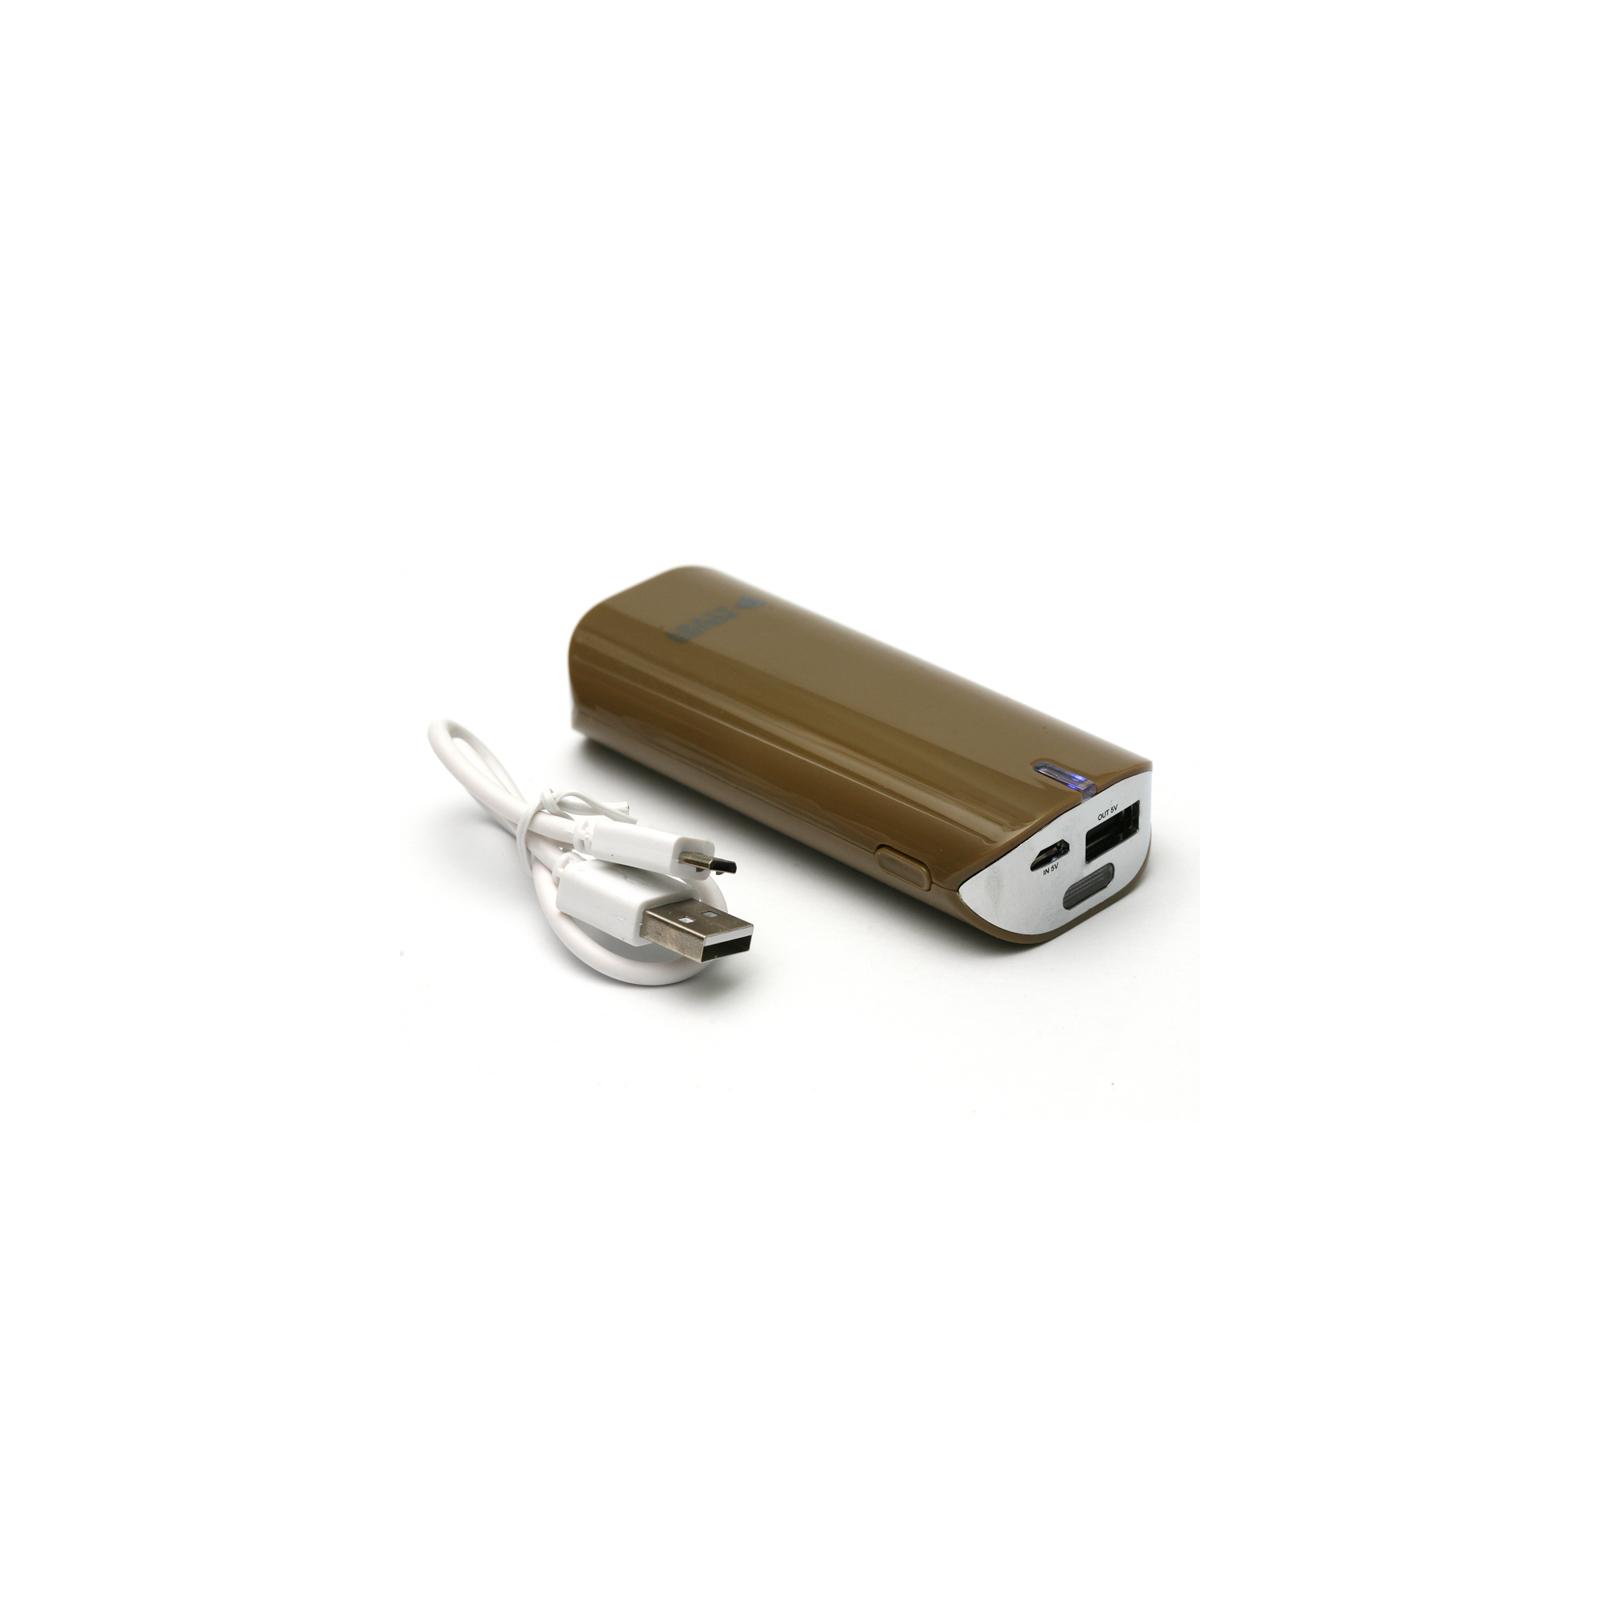 Батарея универсальная PowerPlant PB-LA9005 5200mAh 1*USB/1.0A (PPLA9005) изображение 3